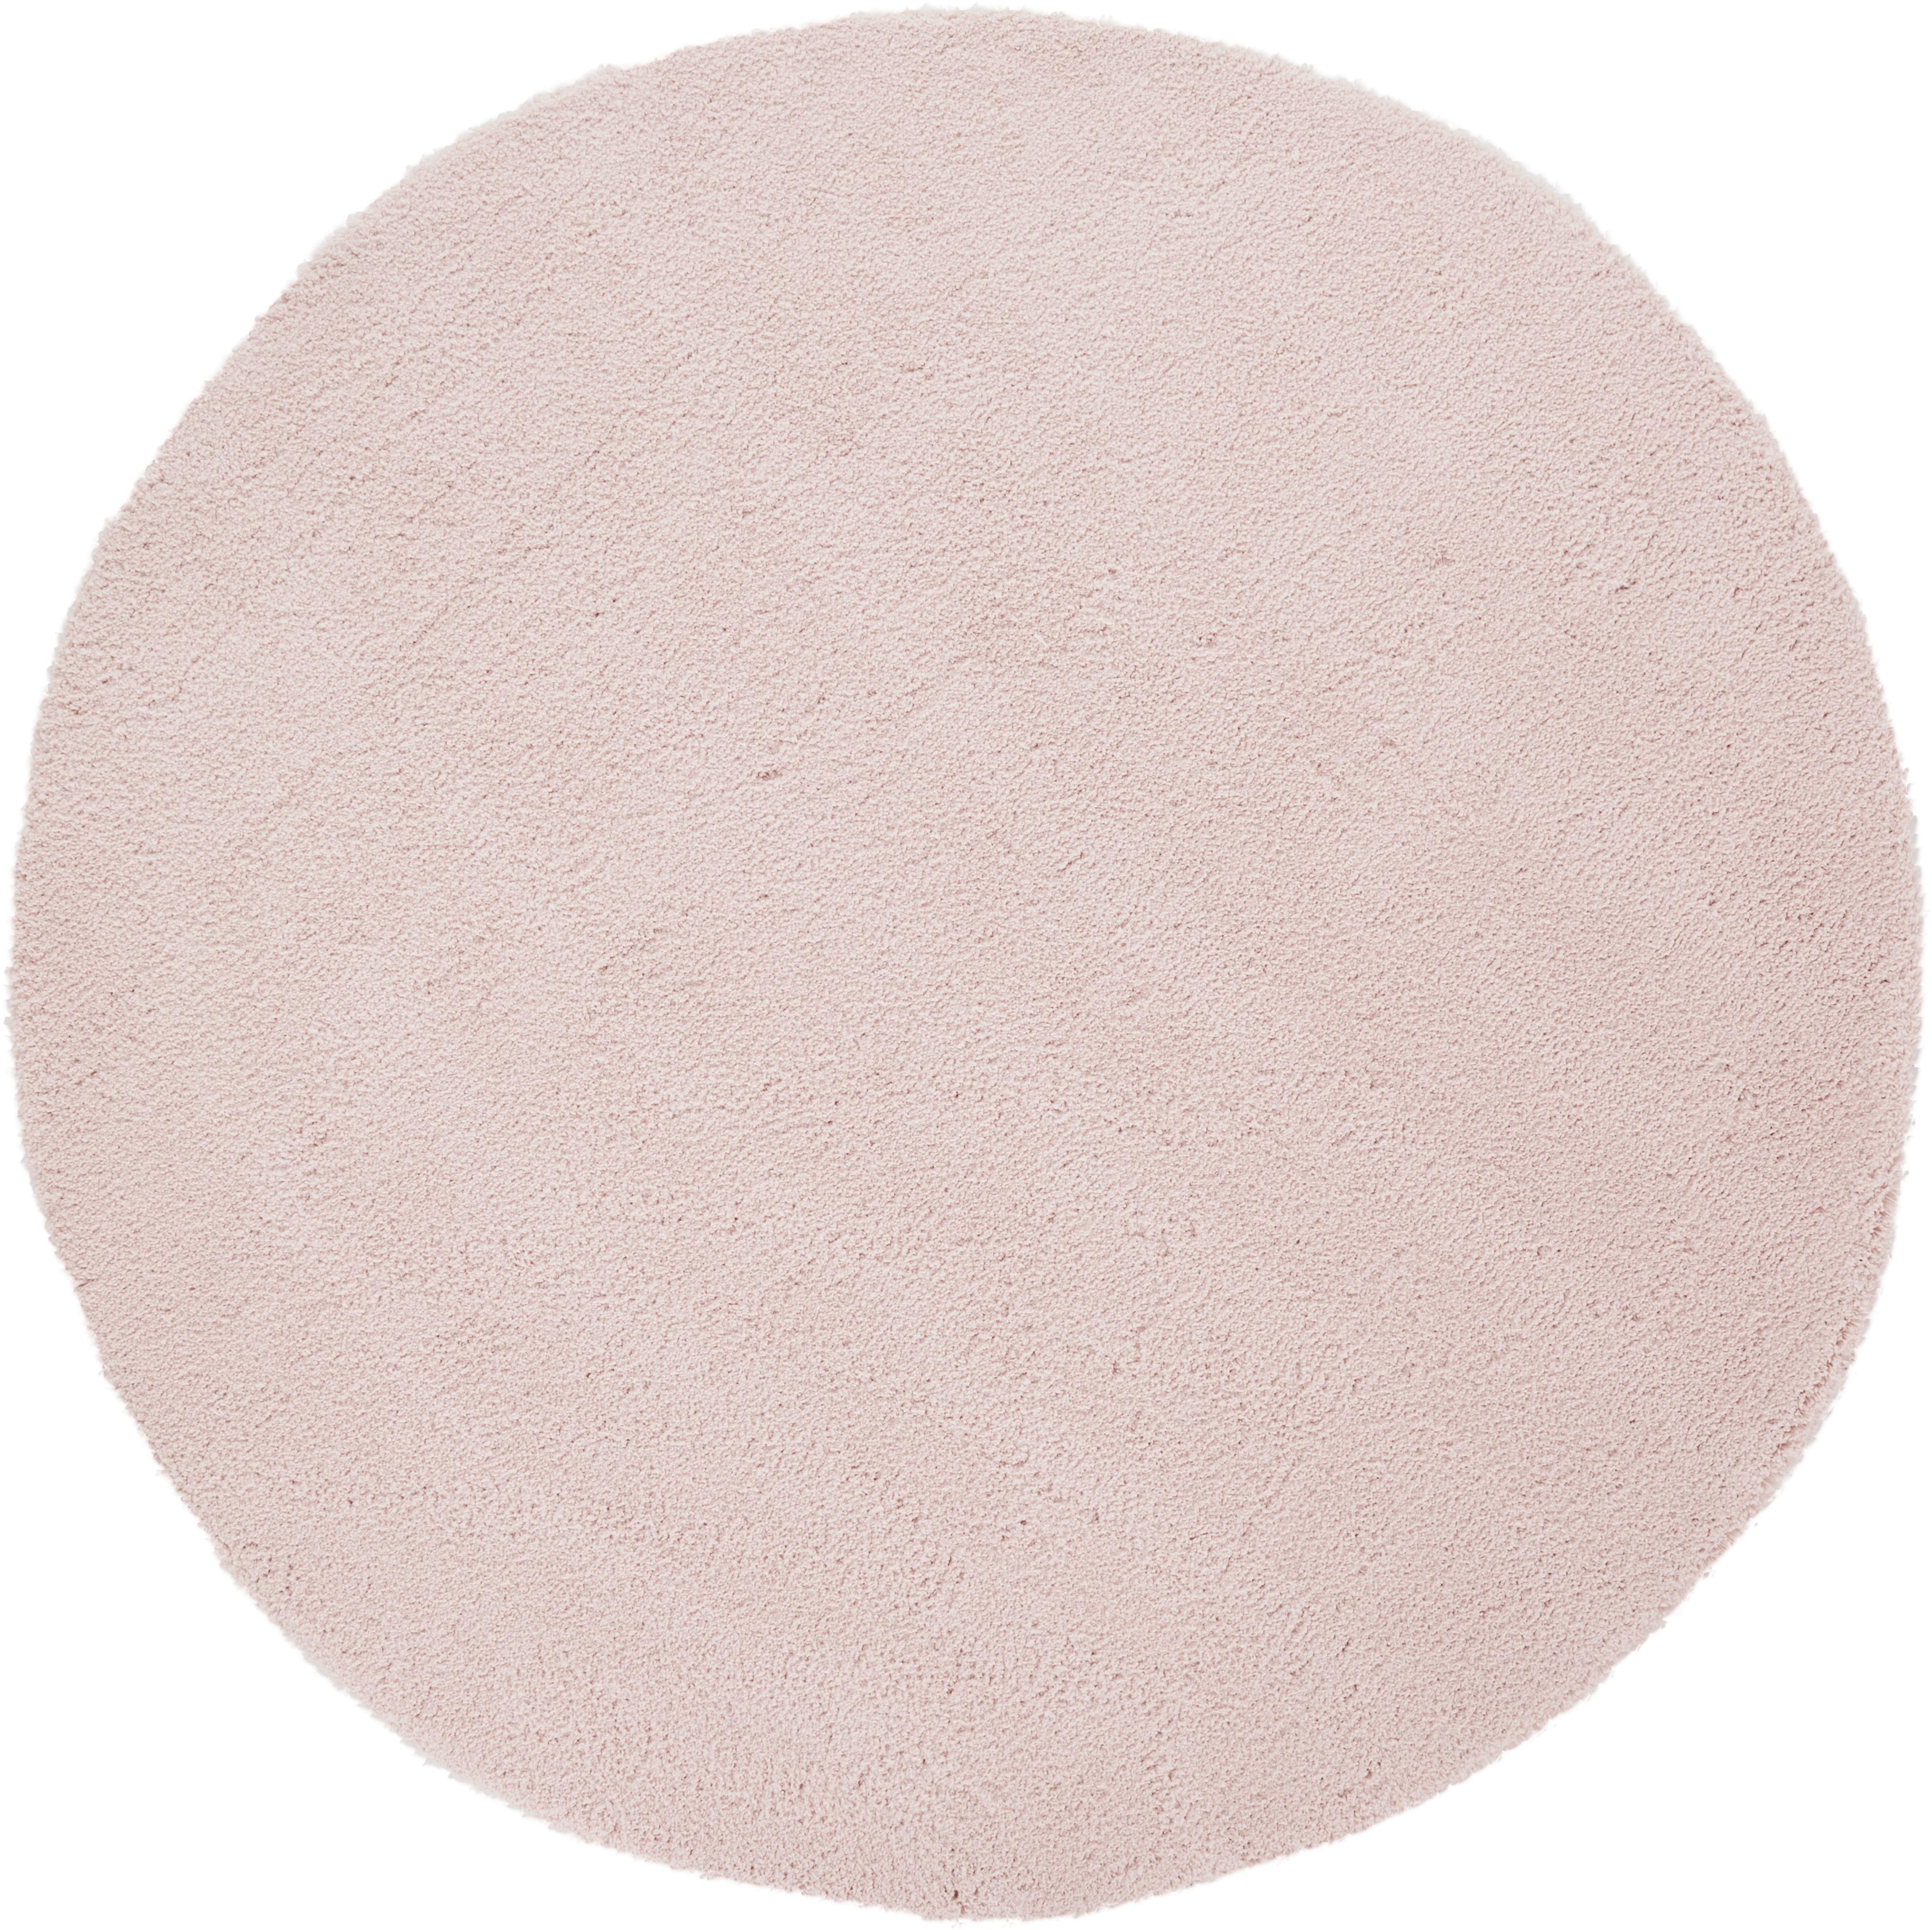 Okrągły puszysty dywan z wysokim stosem Leighton, Różowy, Ø 120 cm (Rozmiar S)